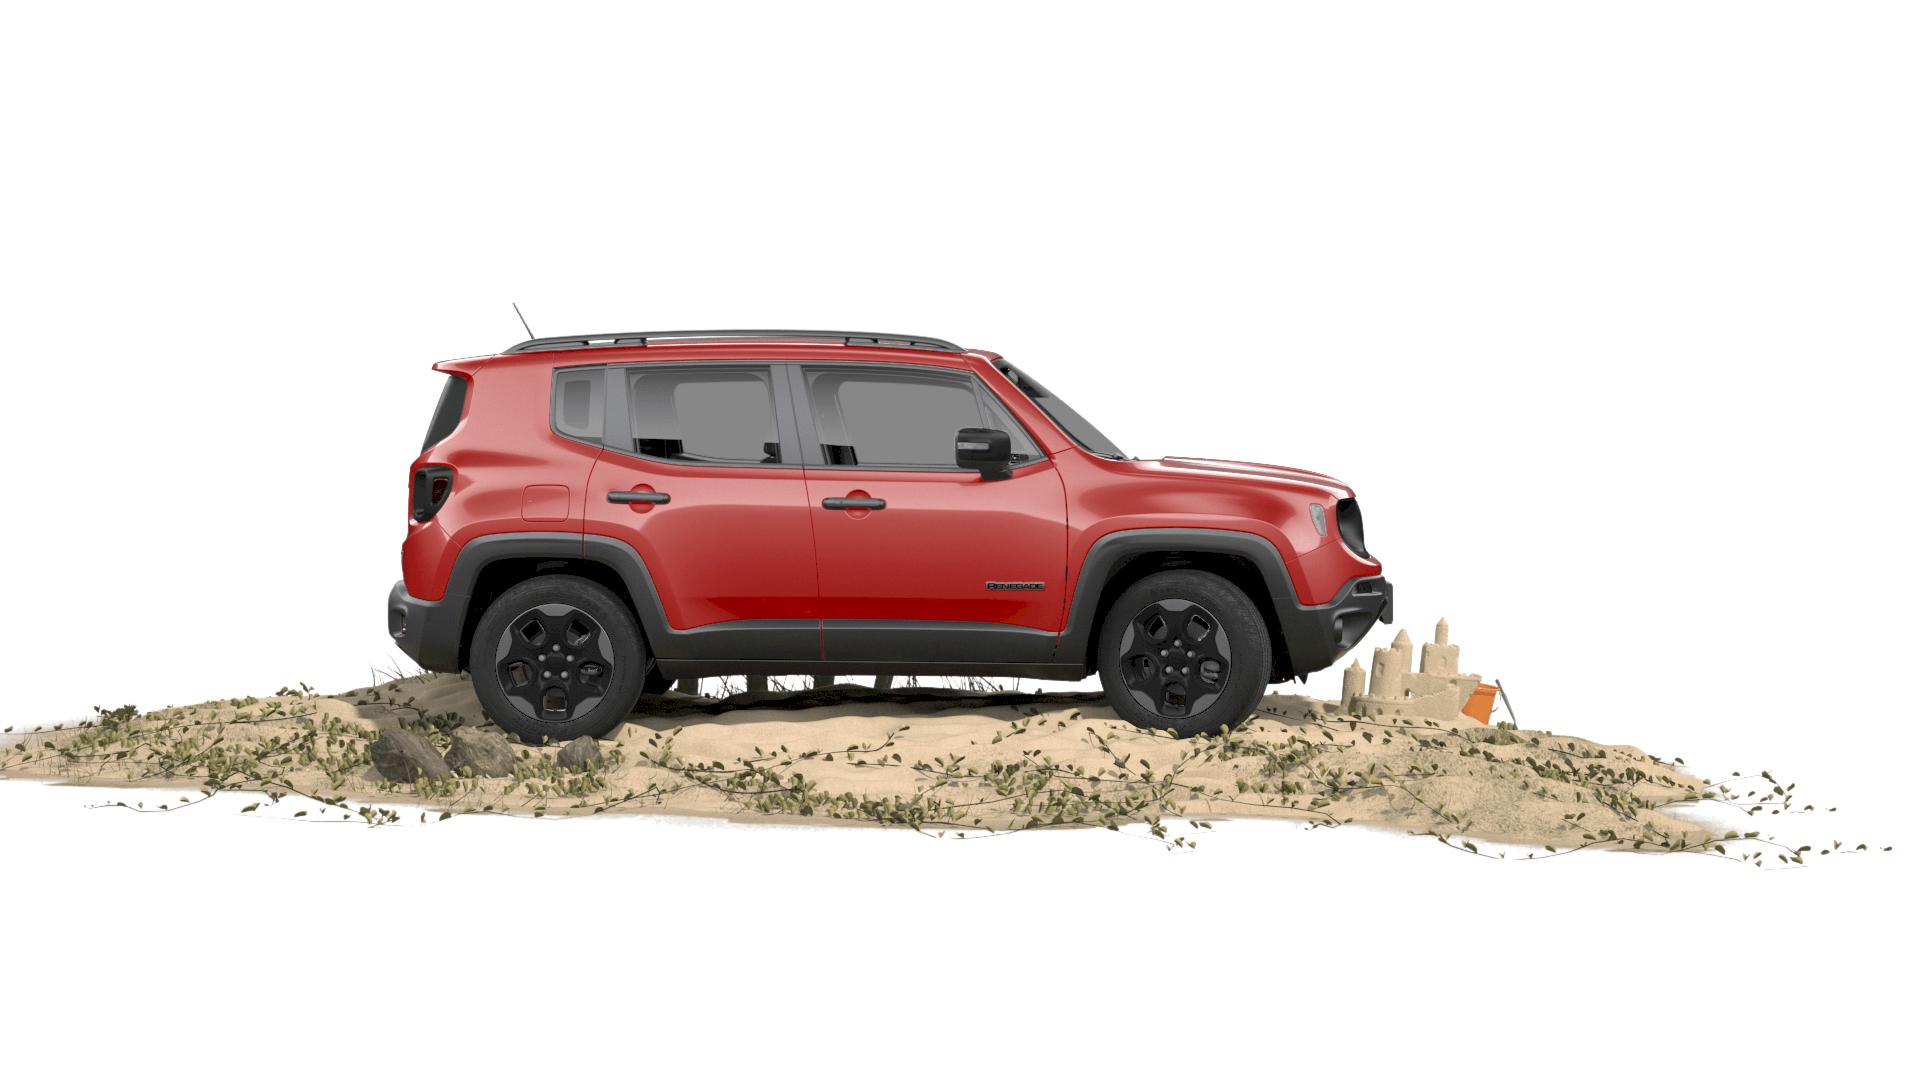 Compass Em 2020 Jeep Carros Monte Voce Mesmo